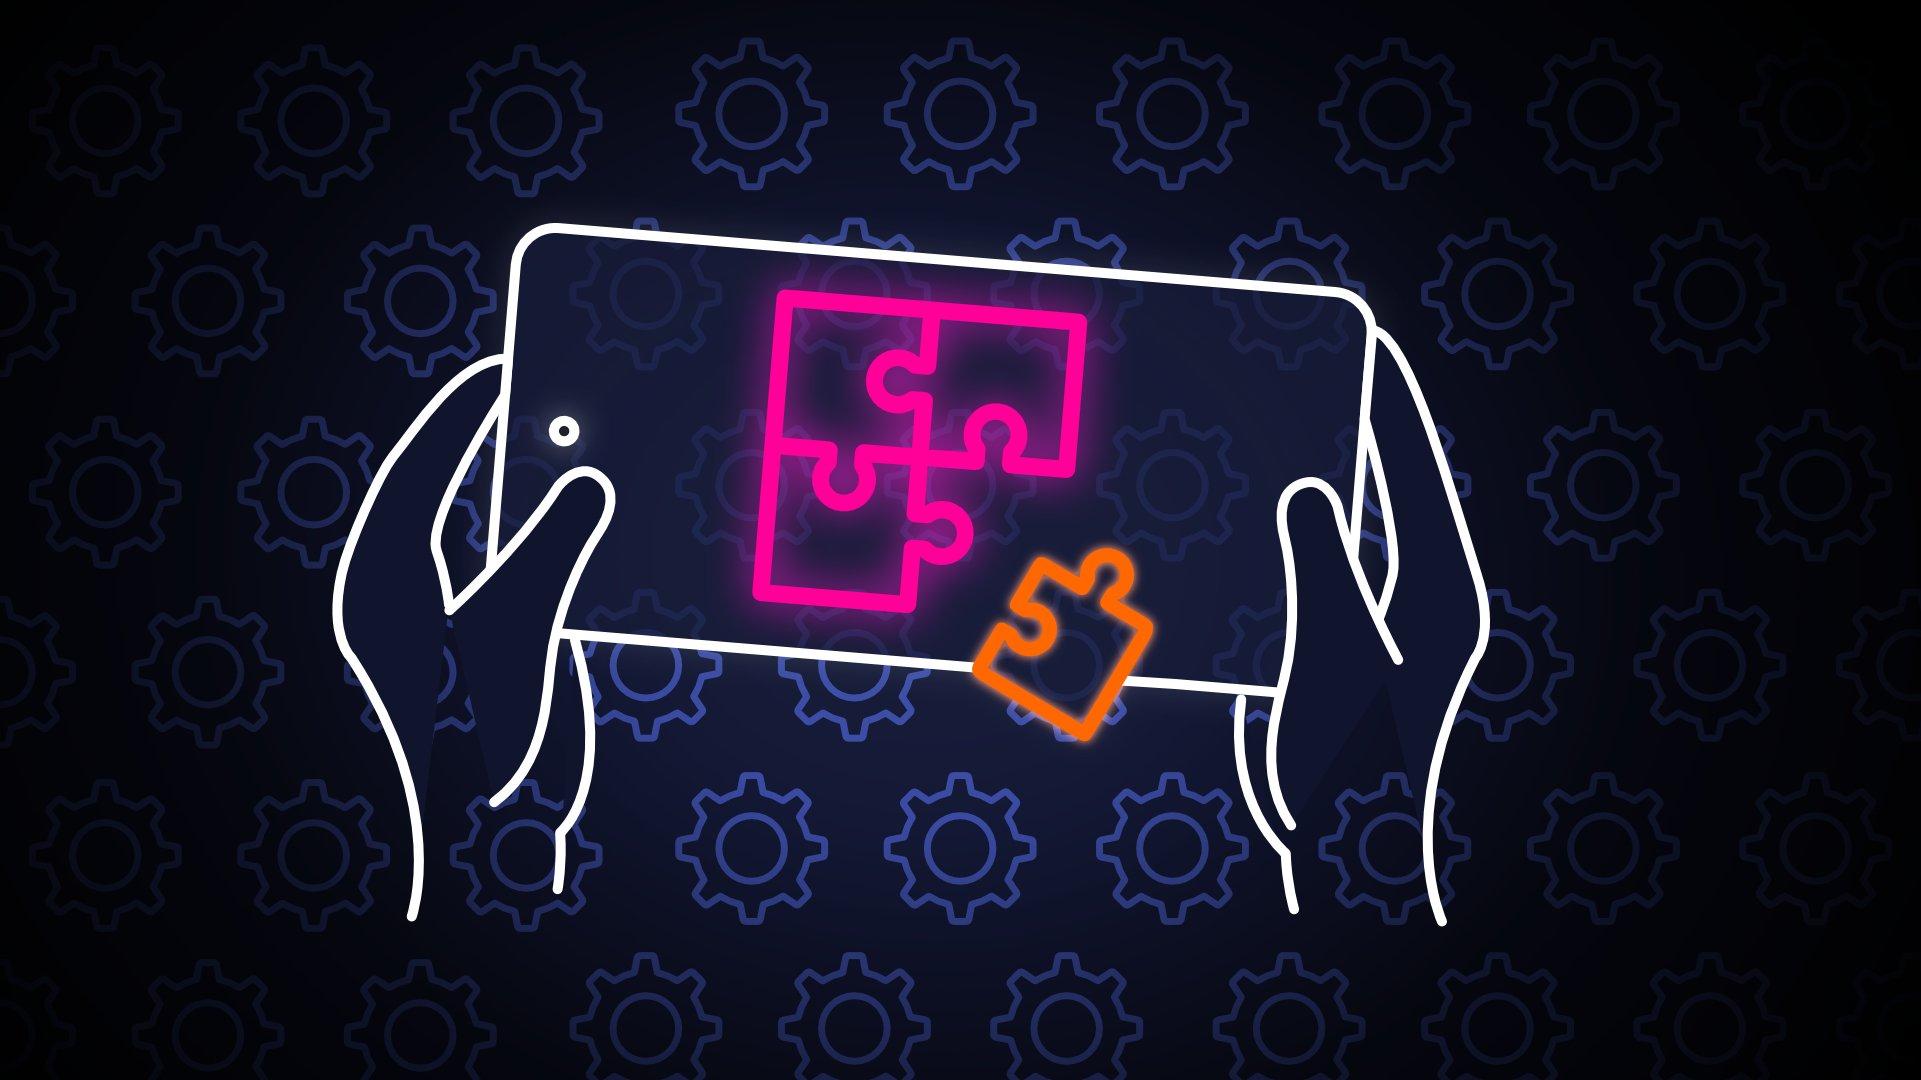 Les Meilleurs Jeux De Réflexion Gratuits Et Payants Sur Android intérieur Jeux 2 Ans En Ligne Gratuit